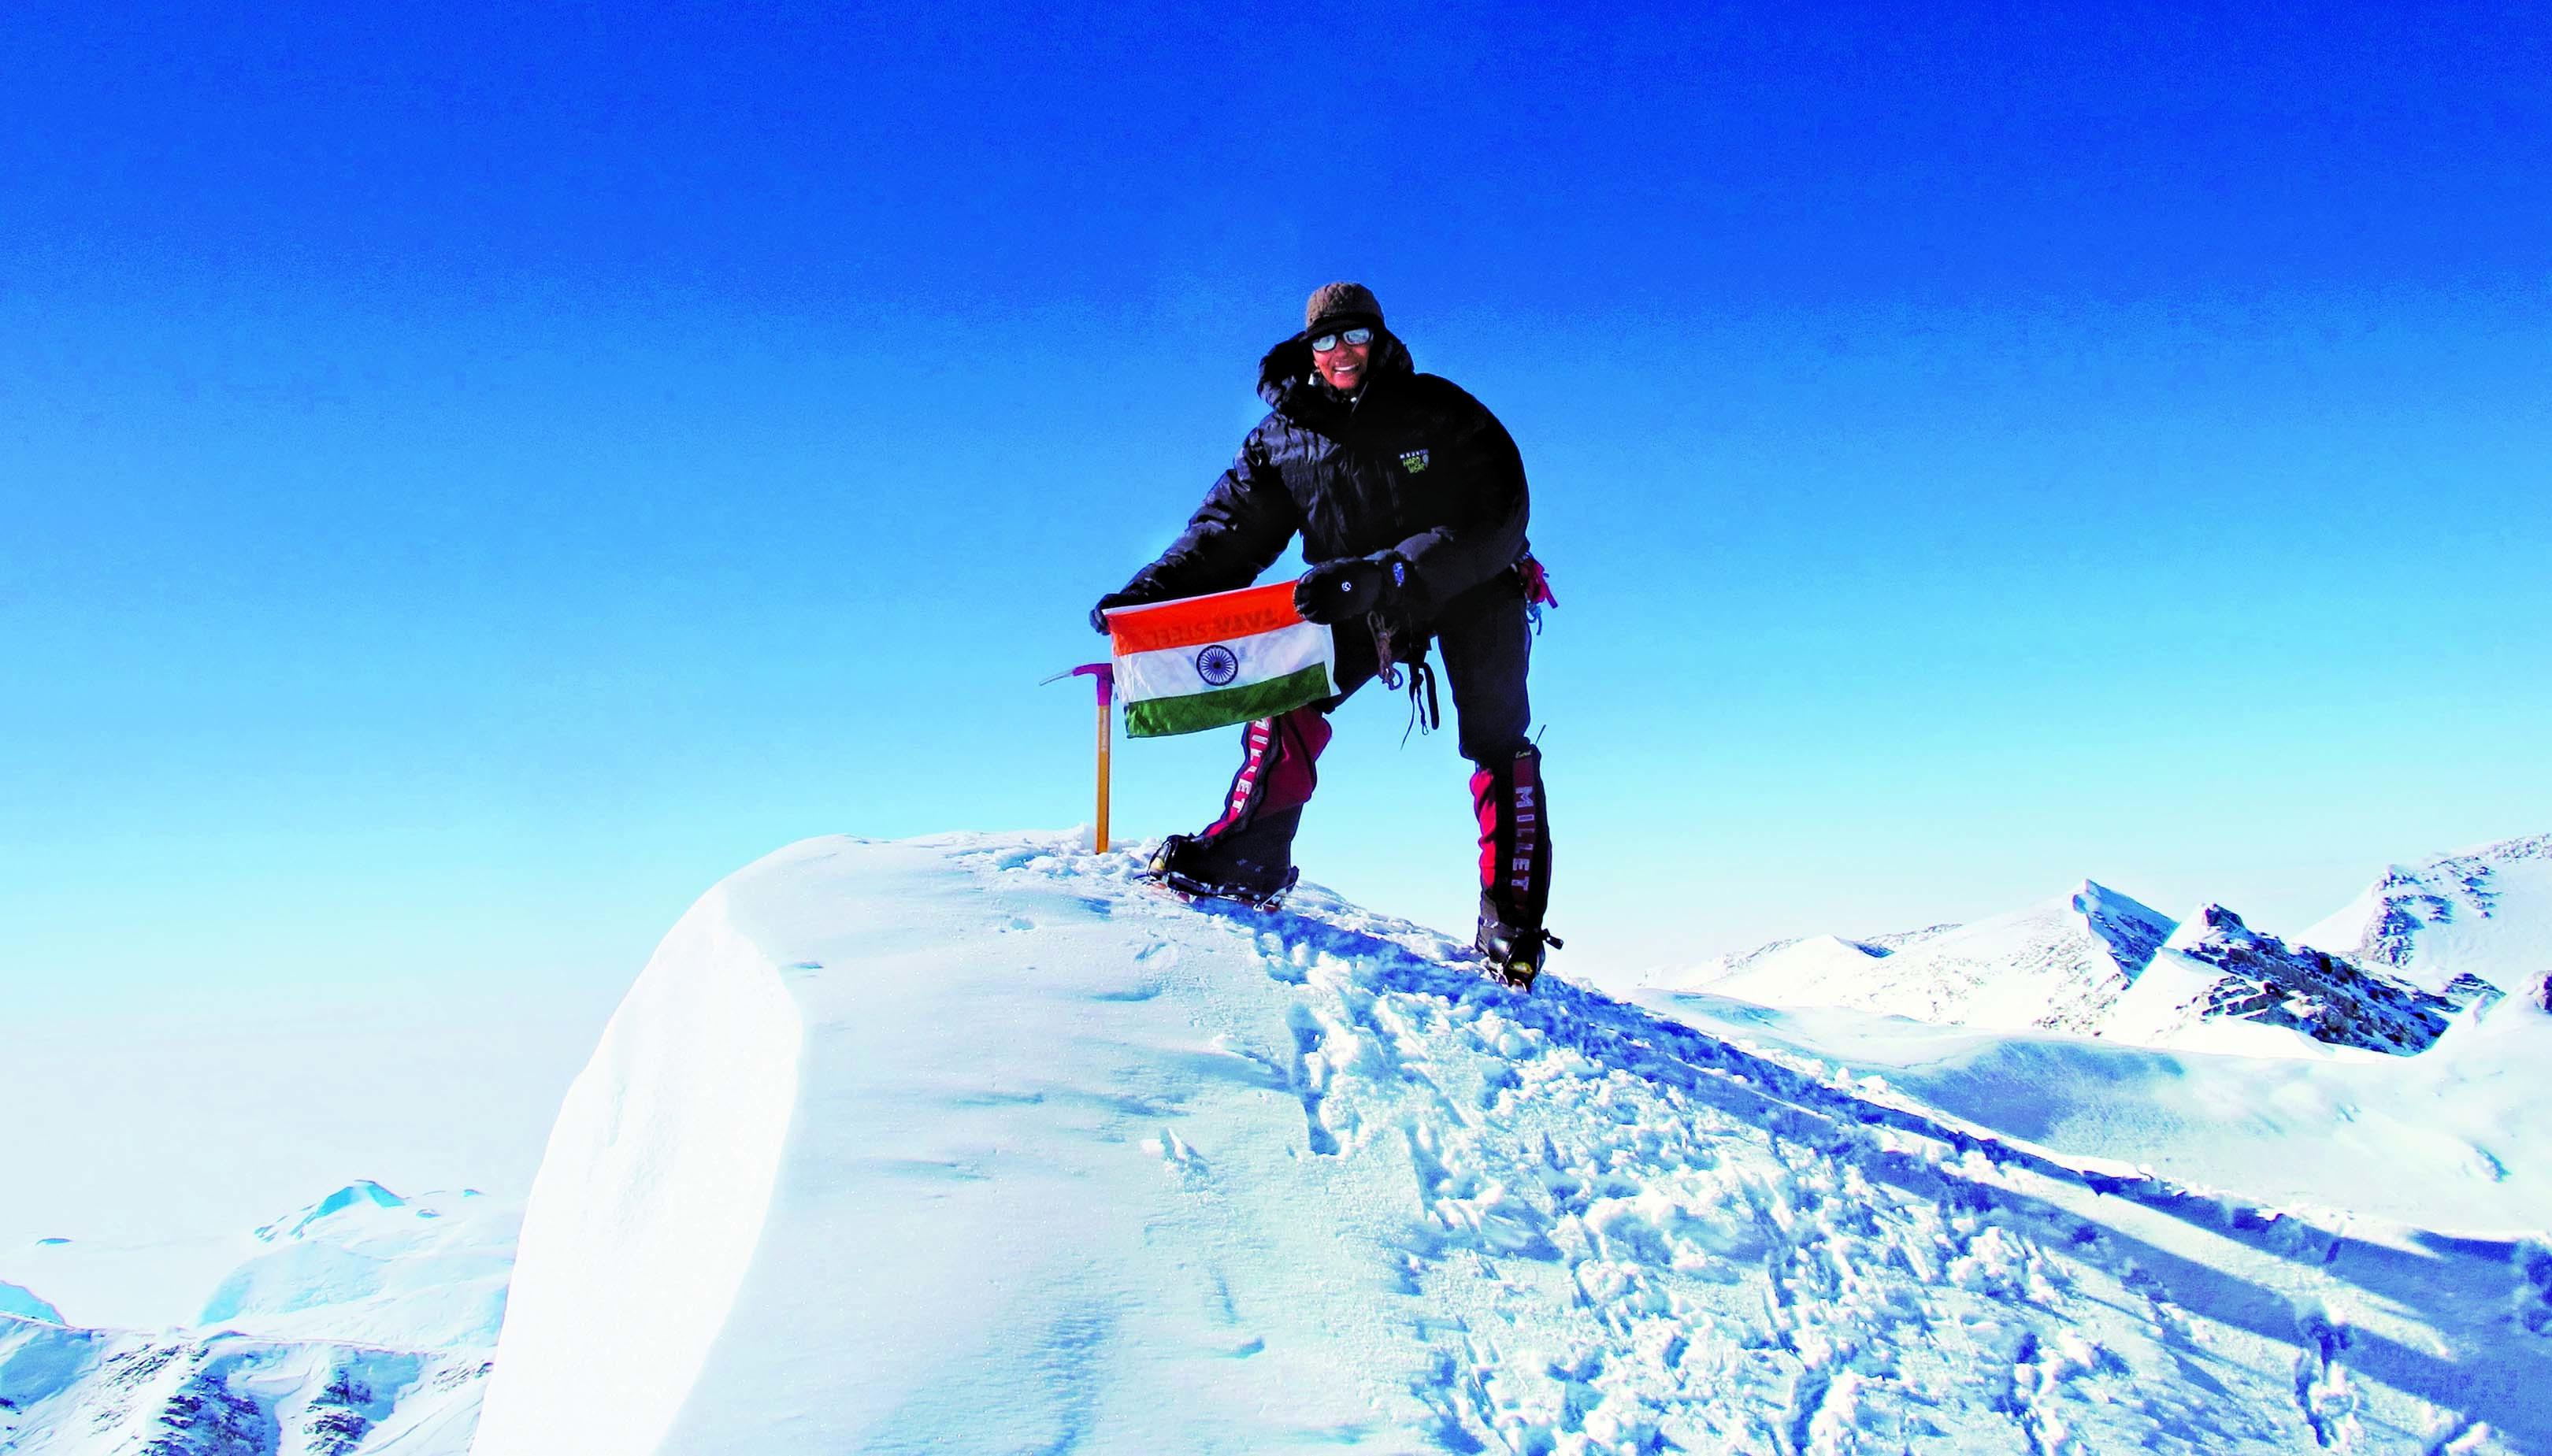 Mount Everest Wallpaper 64 Images